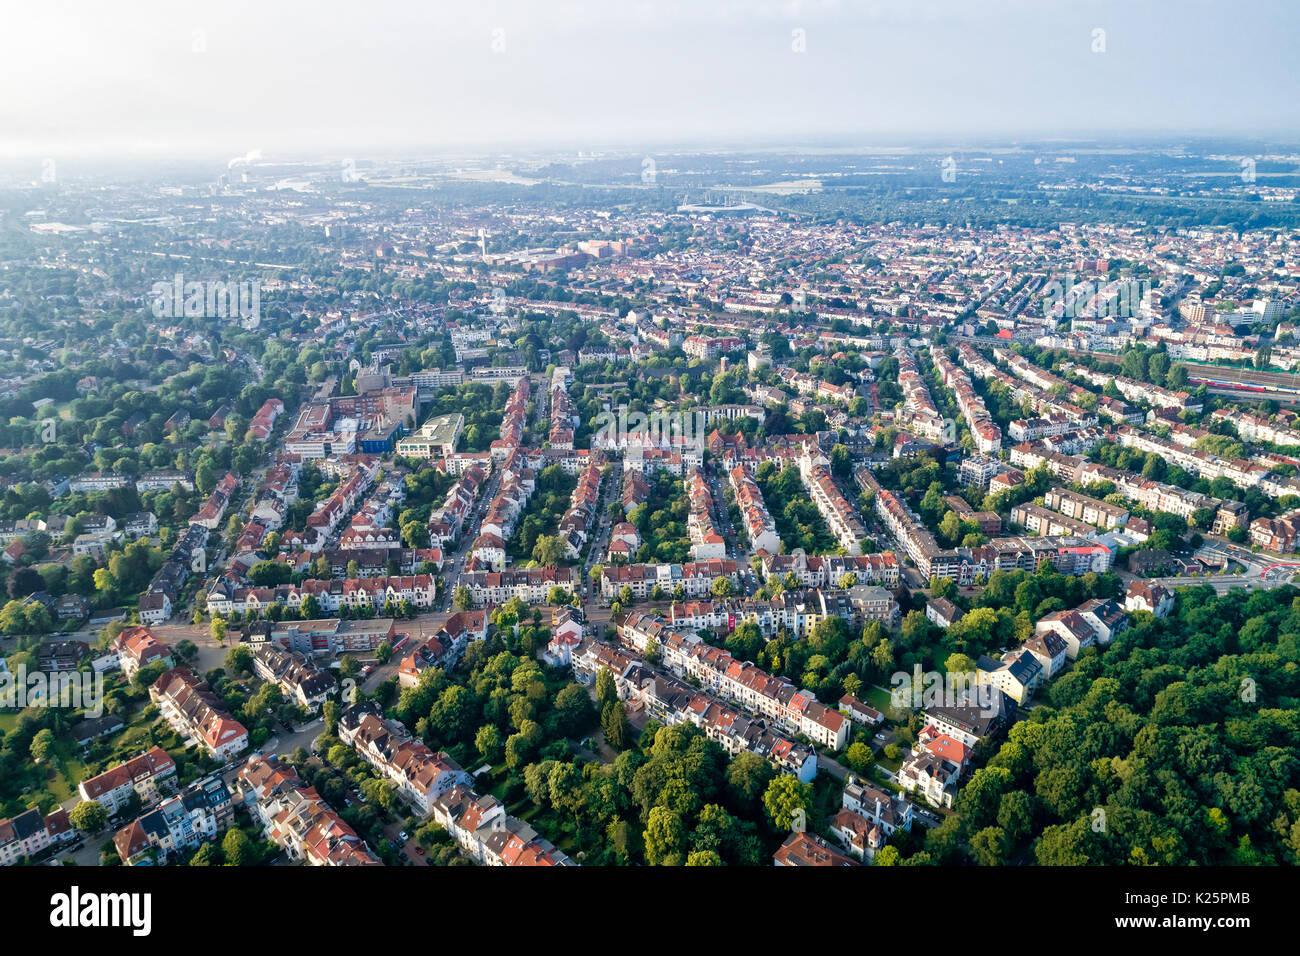 Bremen Fotografie stadt gemeinde bremen antenne fpv drone fotografie bremen ist eine